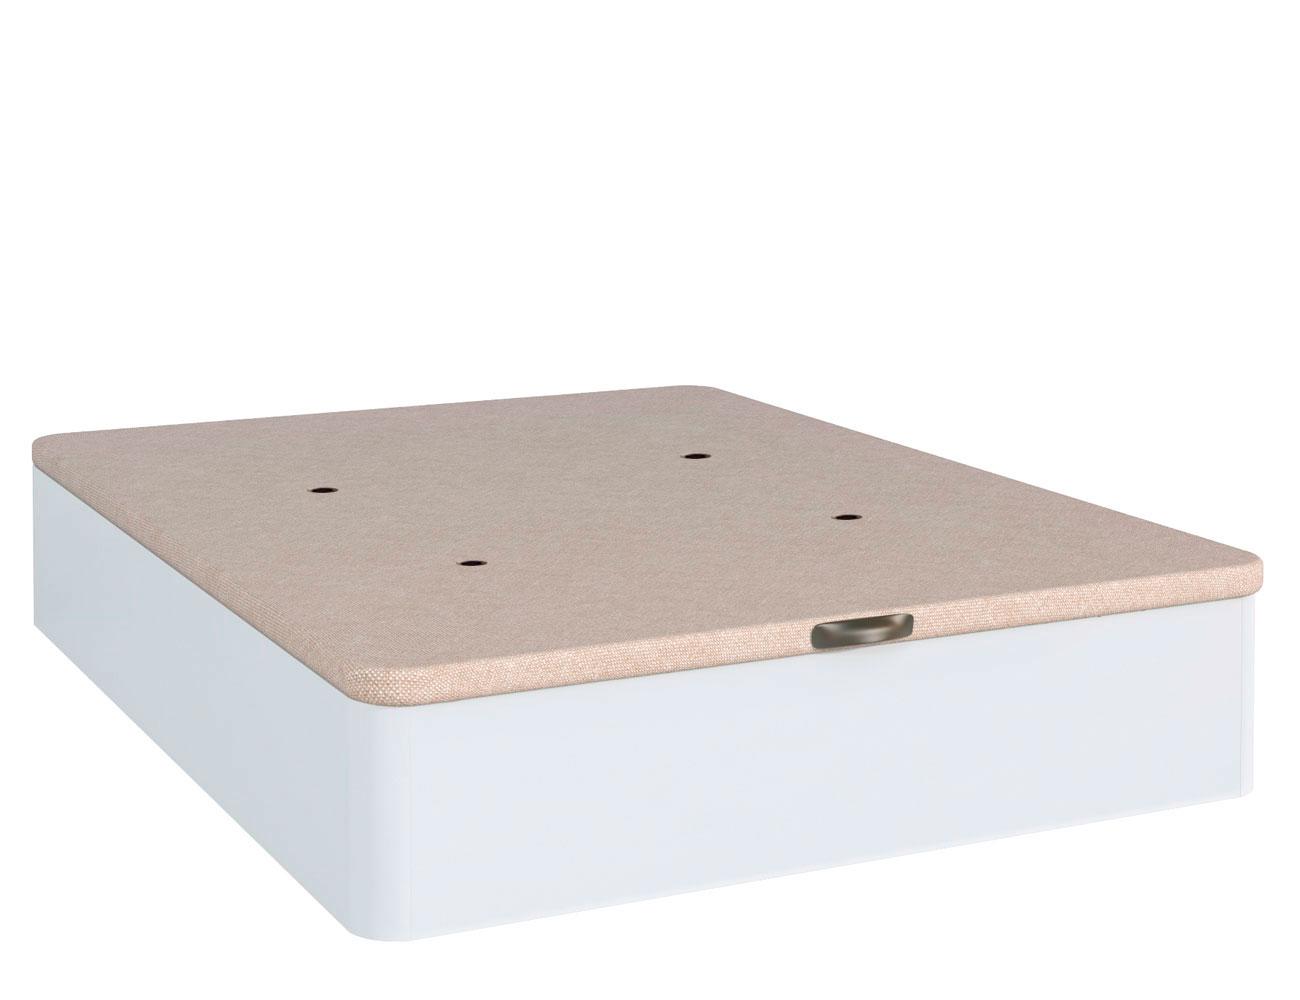 Canape madera blanco ebro tapa 3d blanco